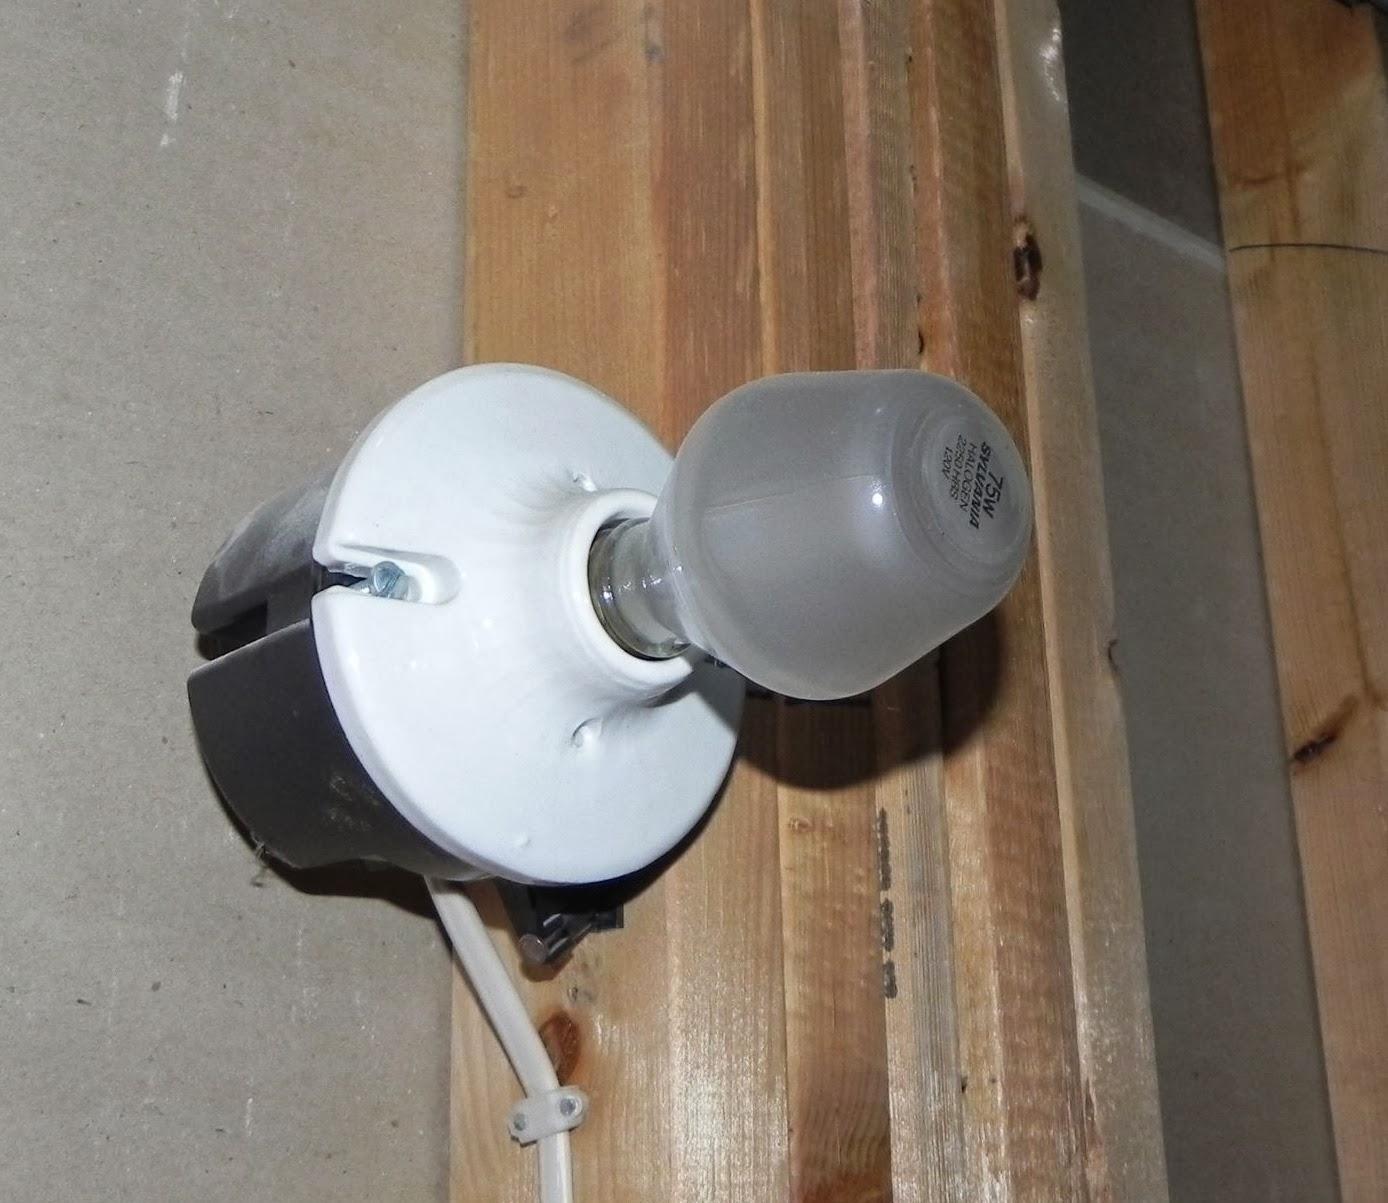 Tywkiwdbi Tai Wiki Widbee Best Light Bulb I 39 Ve Ever Had